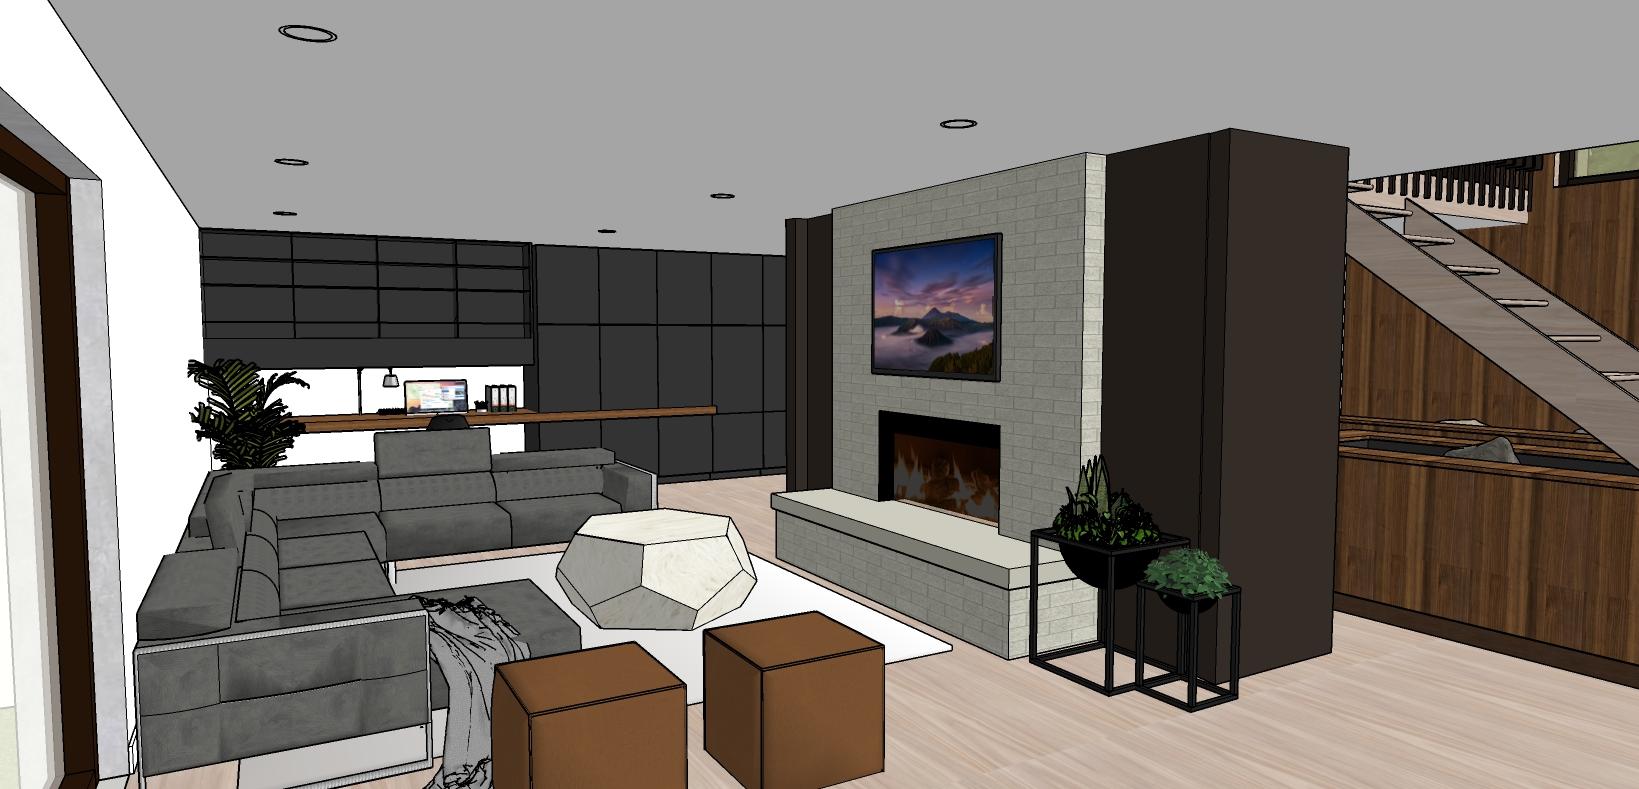 Midcentury Modern Remodel Family Room 1.jpg